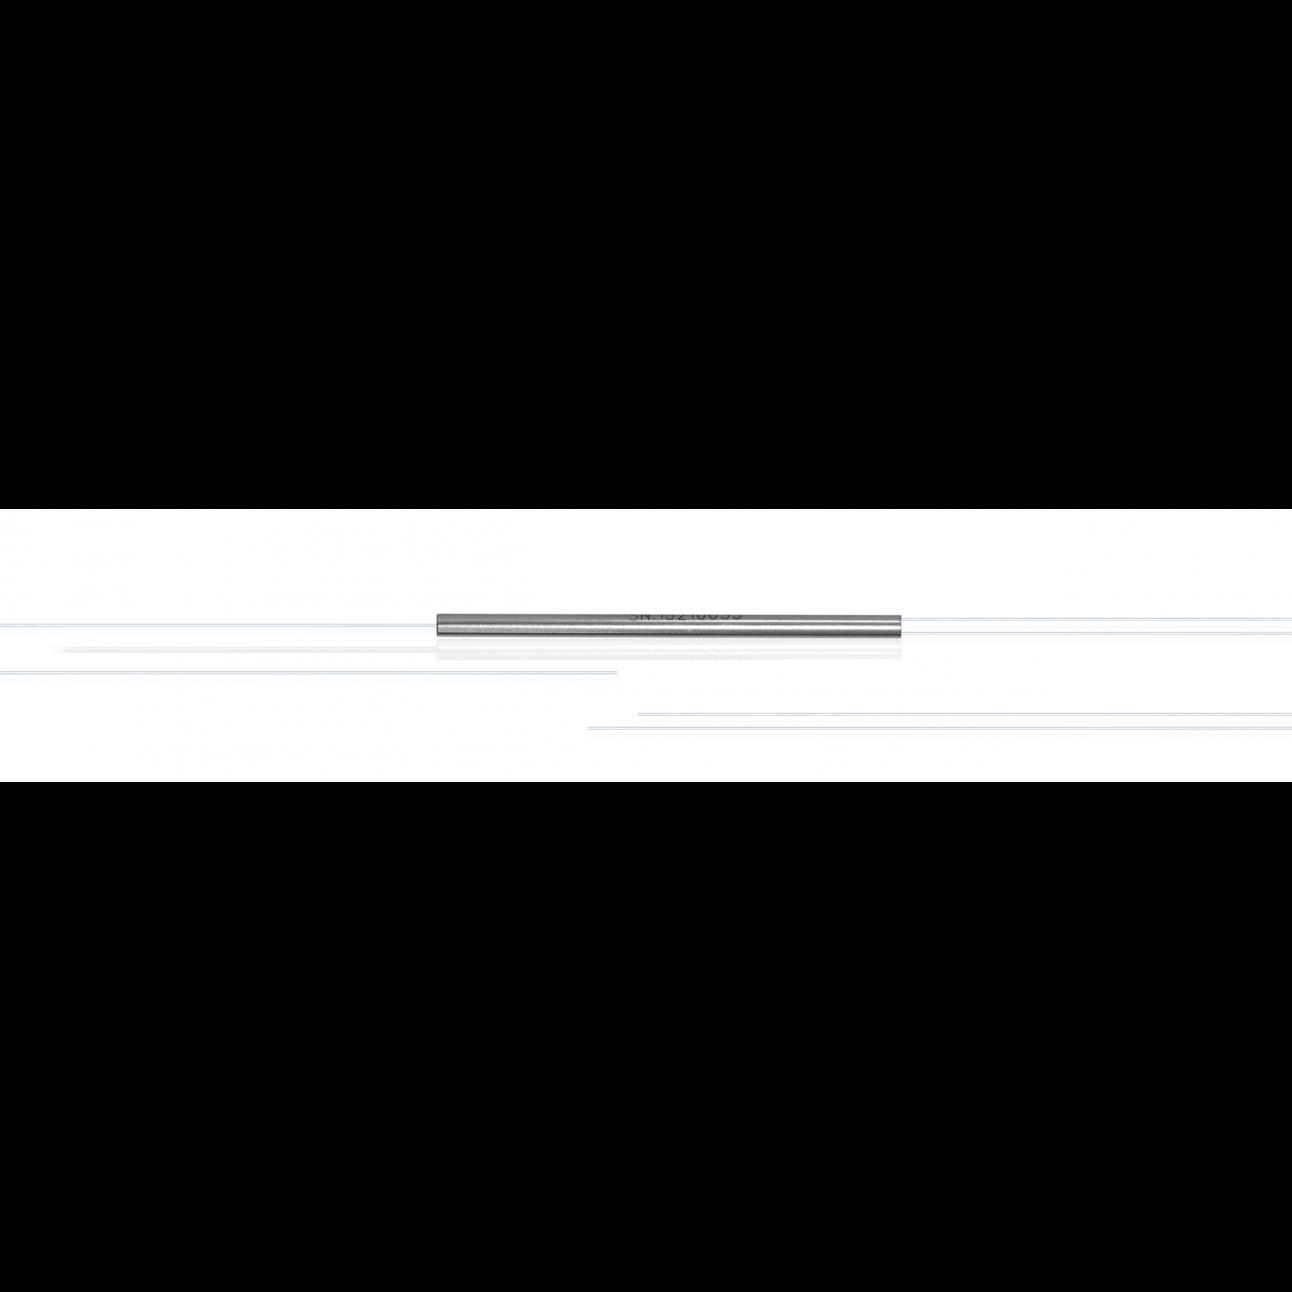 Делитель оптический бескорпусный буфер 225нм 1х2, 35/65, B-Optics (комплект из 2 шт.)